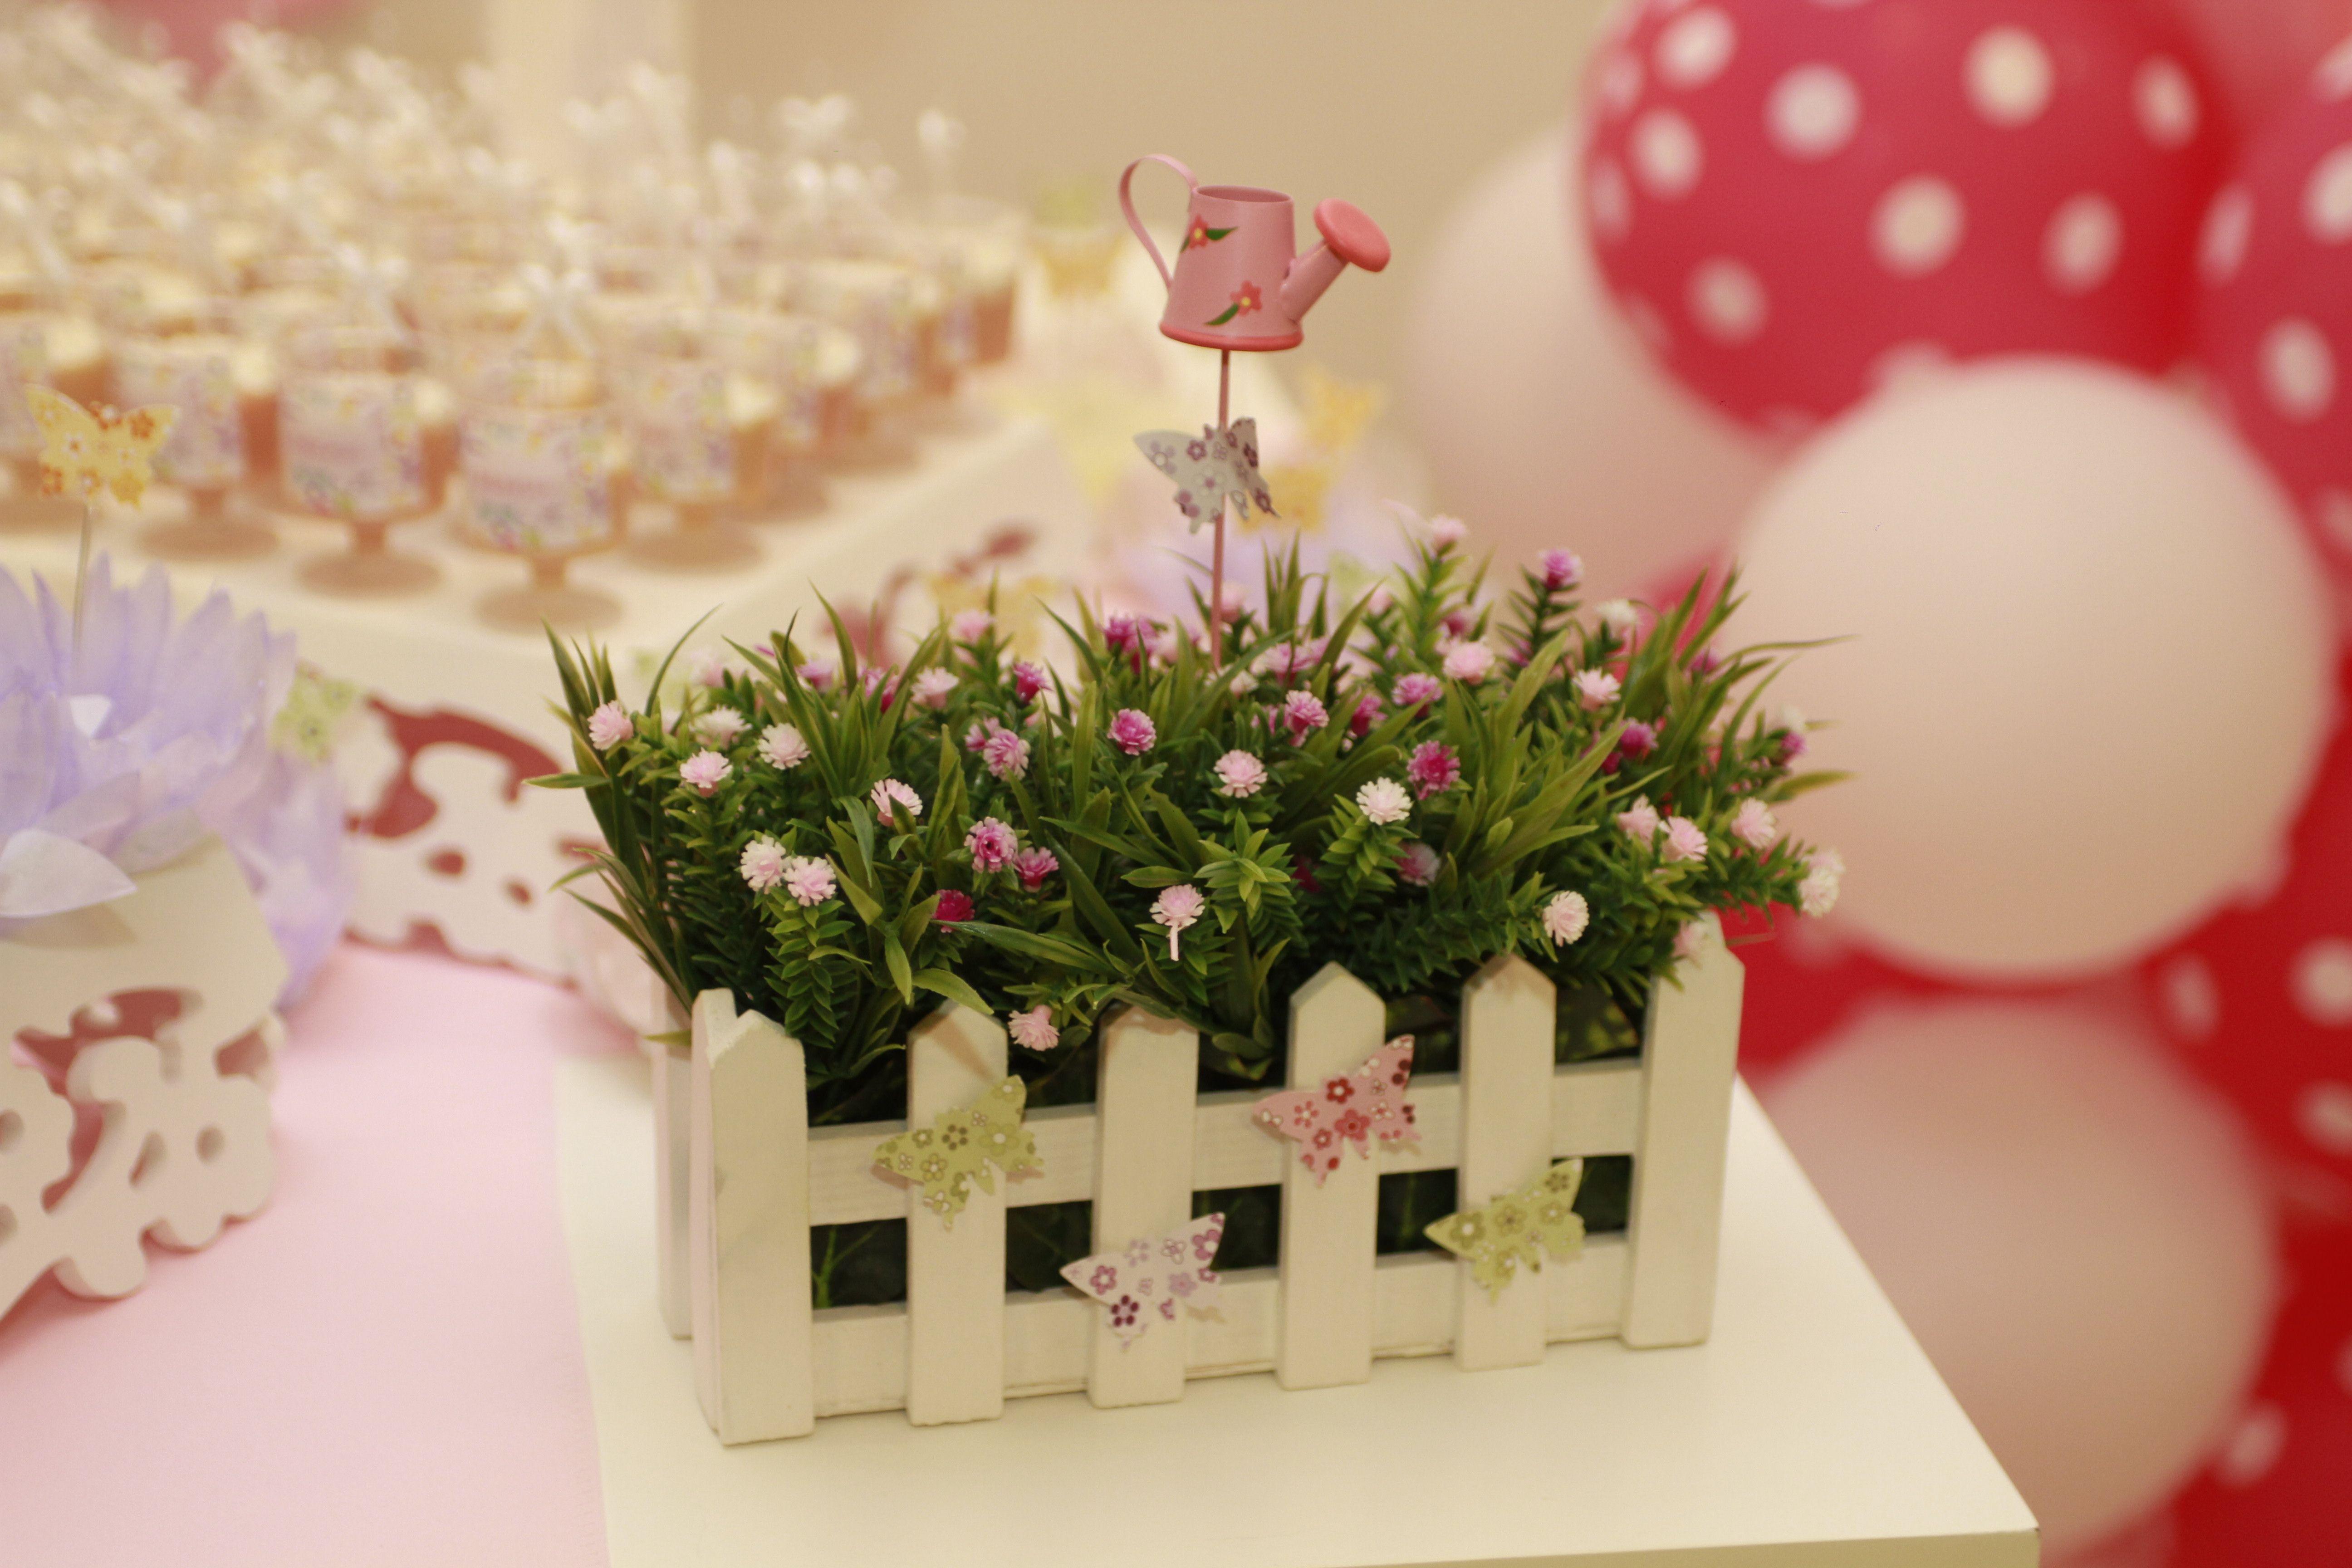 Cerquinha com flores Sofi Festa jardim das borboletas, Festa tema jardim e Decoracao festa  -> Decoração De Aniversario Jardim Encantado Das Borboletas